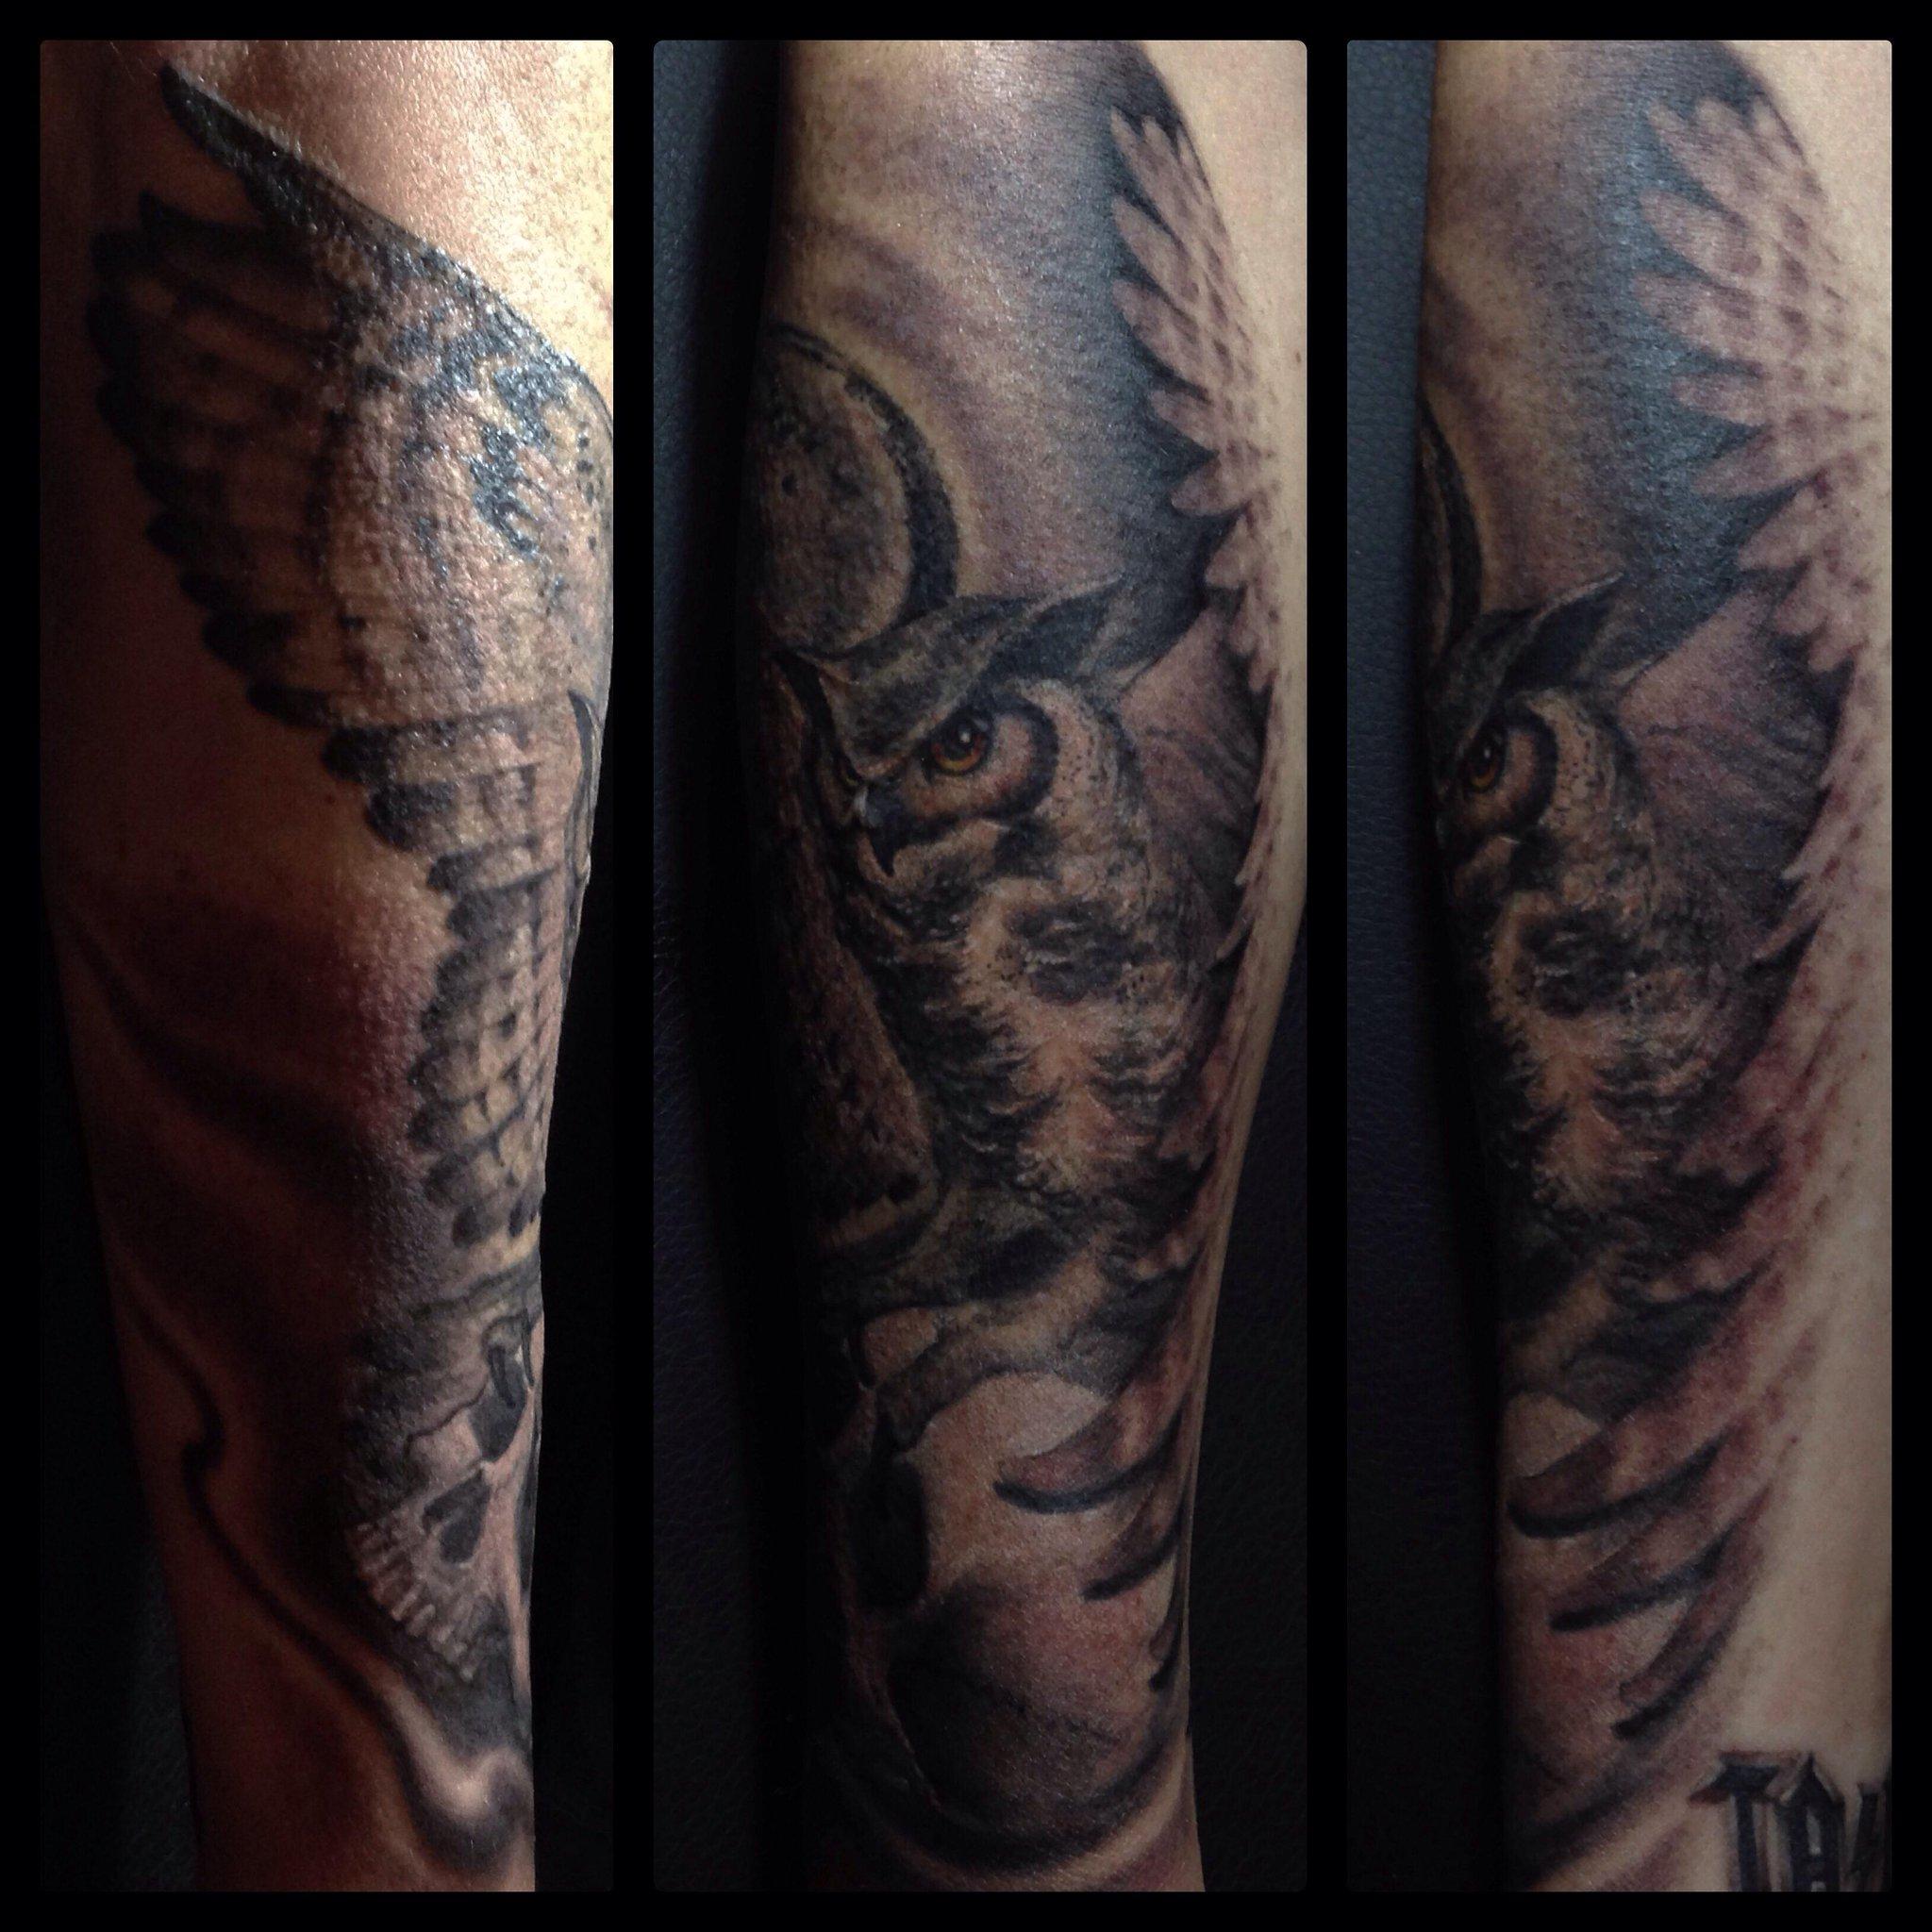 Owl+skull tattoo on @ndrewStuart complete! 💀 http://t.co/QGS655sPrC